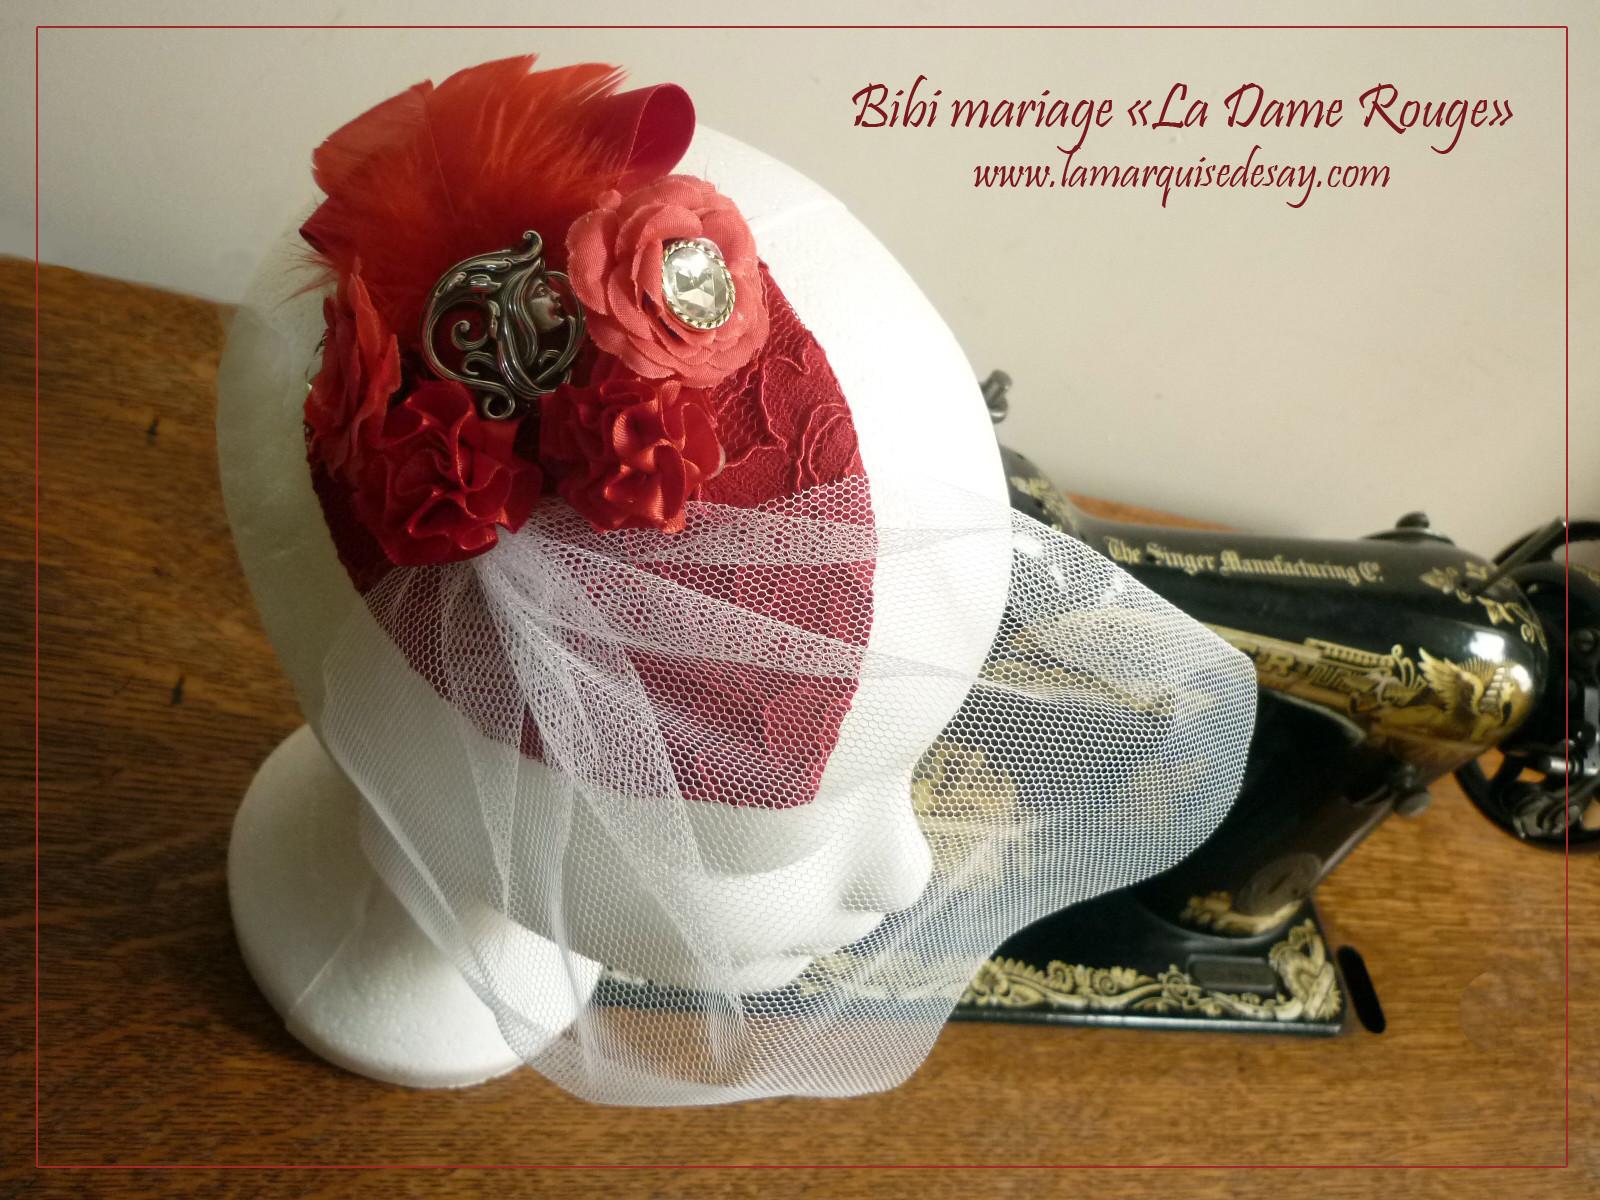 Bibi mariage - Feutre rouge moulé